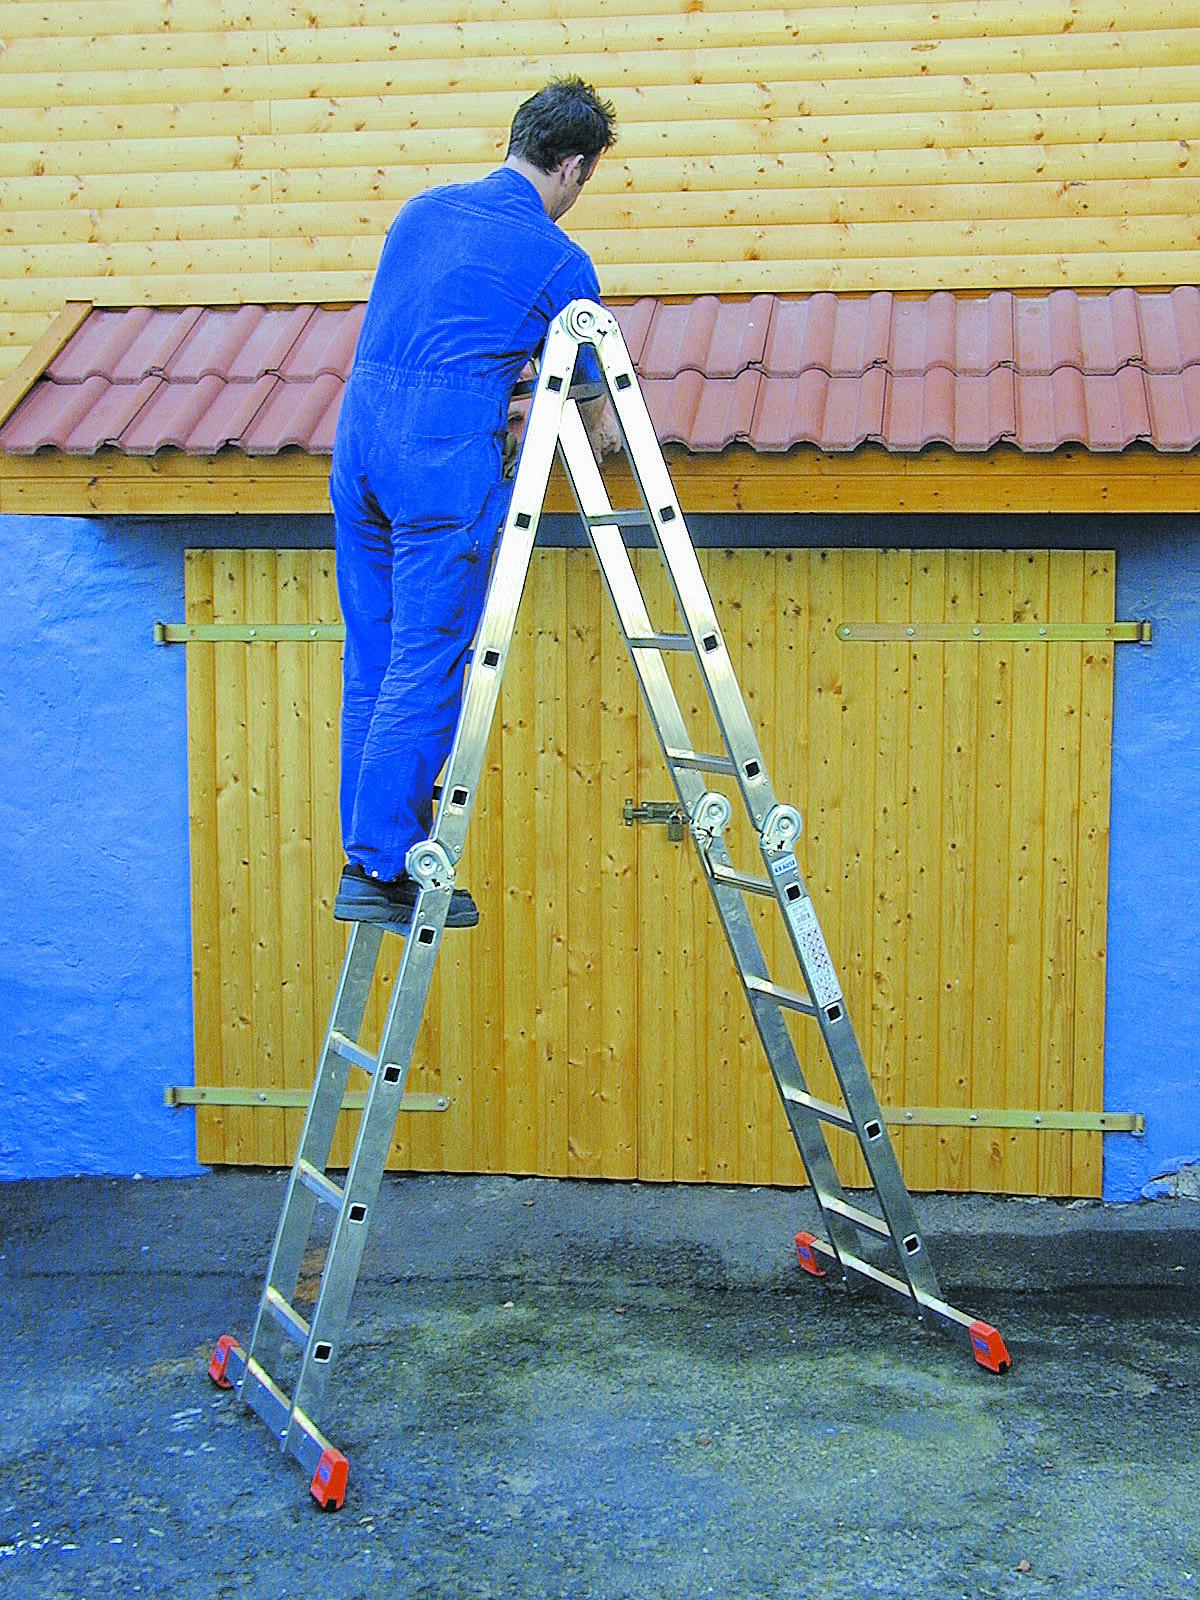 Выбрав алюминиевую стремянку или лестницу, вы будете гарантированно пользоваться ею много лет